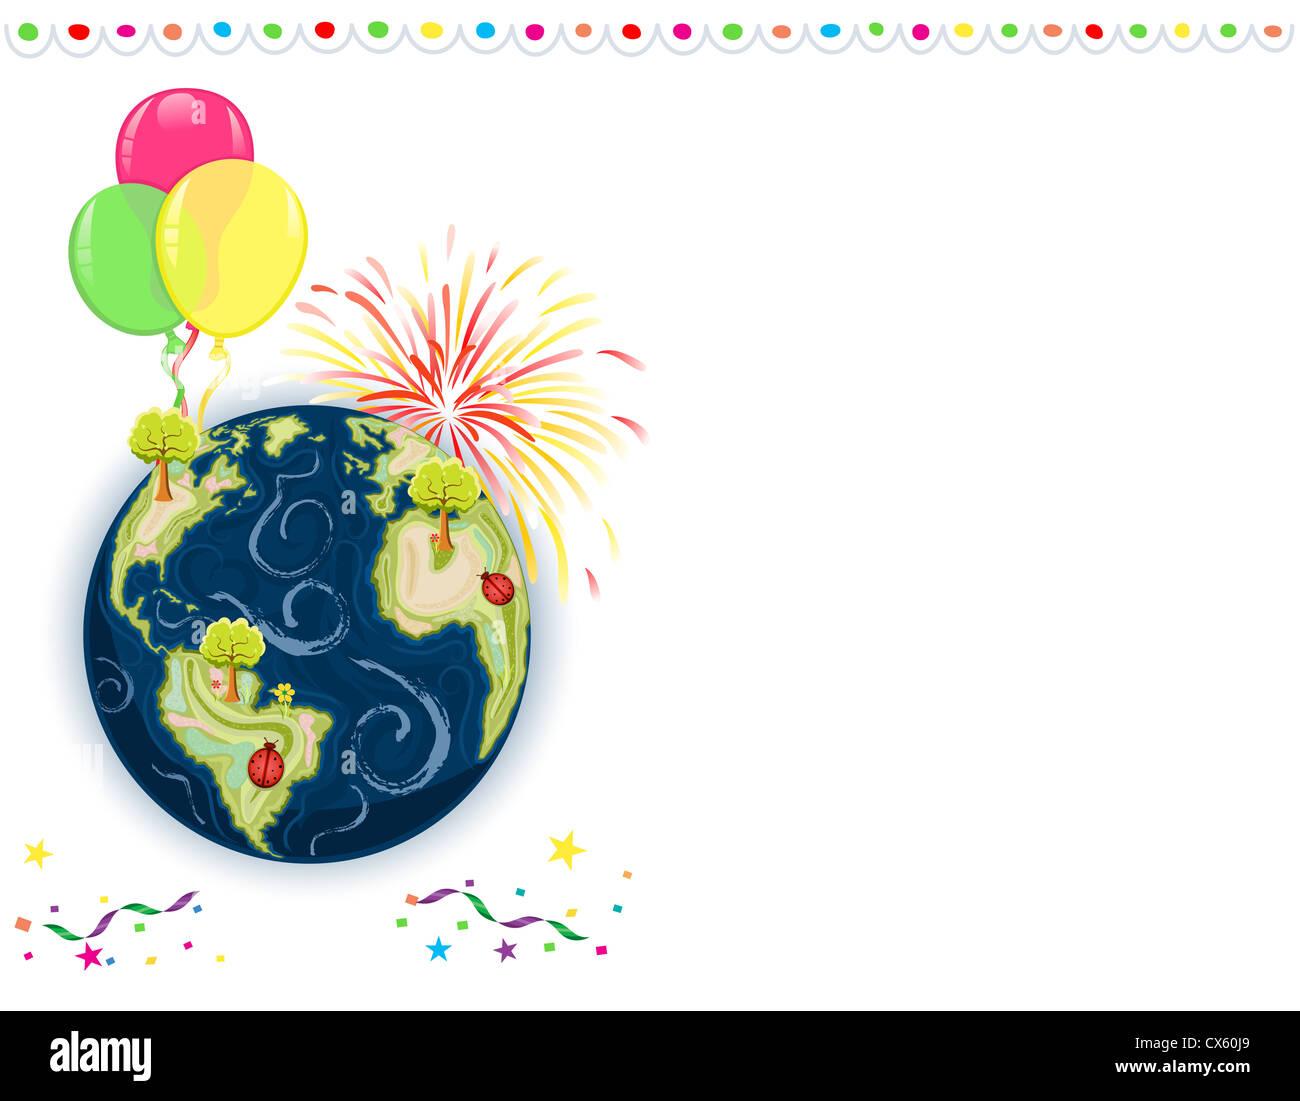 Celebración del Día de la tierra - Tarjeta de felicitación con globos, fuegos artificiales y confeti. Imagen De Stock